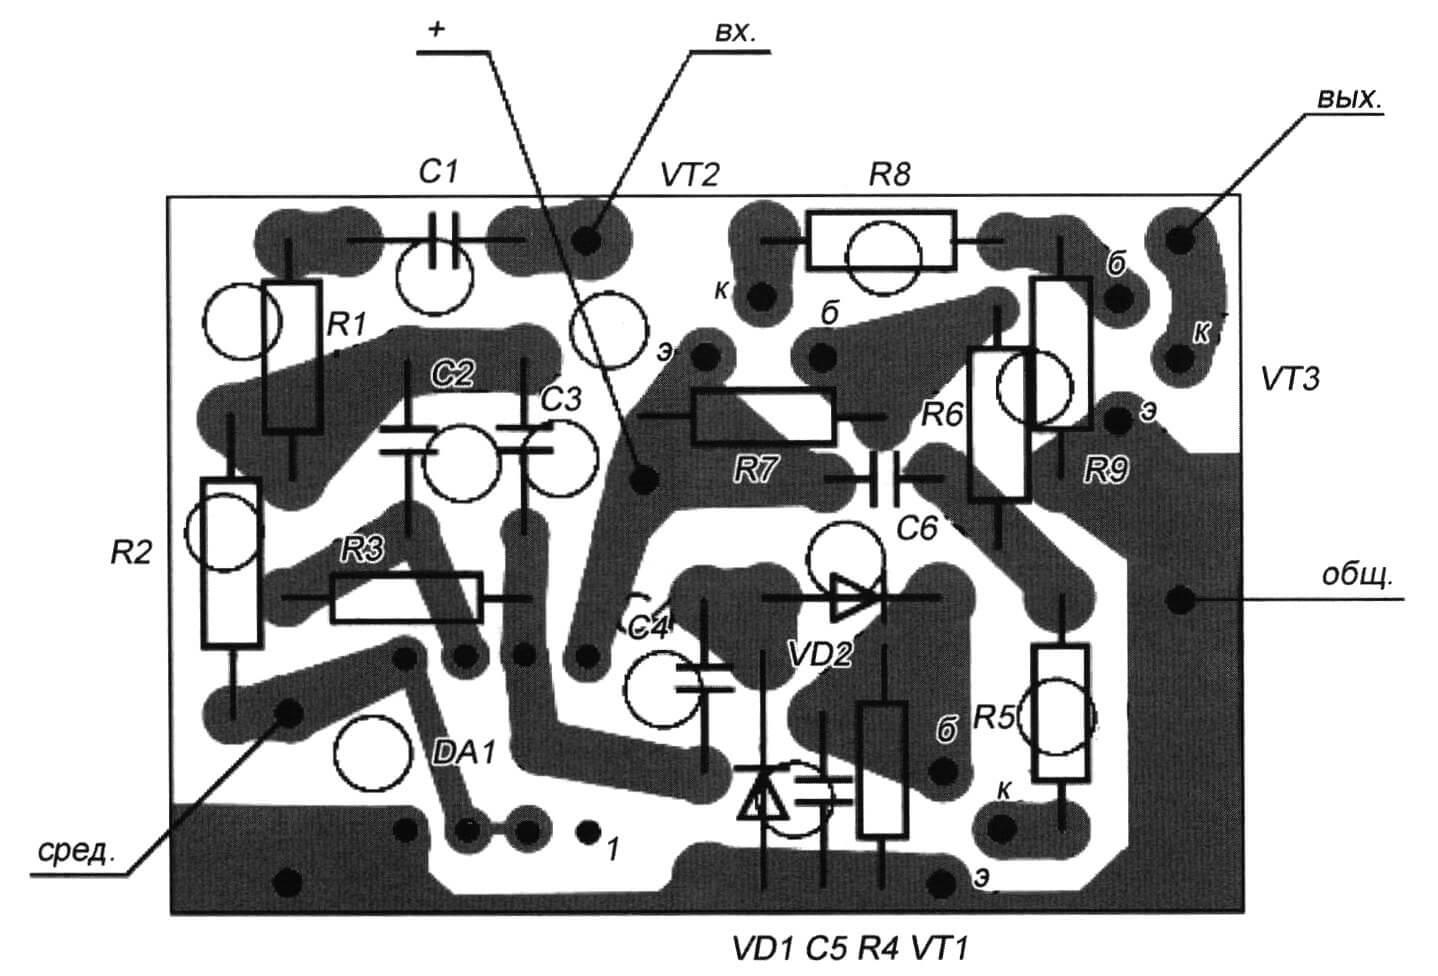 Рис. 7. Монтажная плата модуля ДД-1